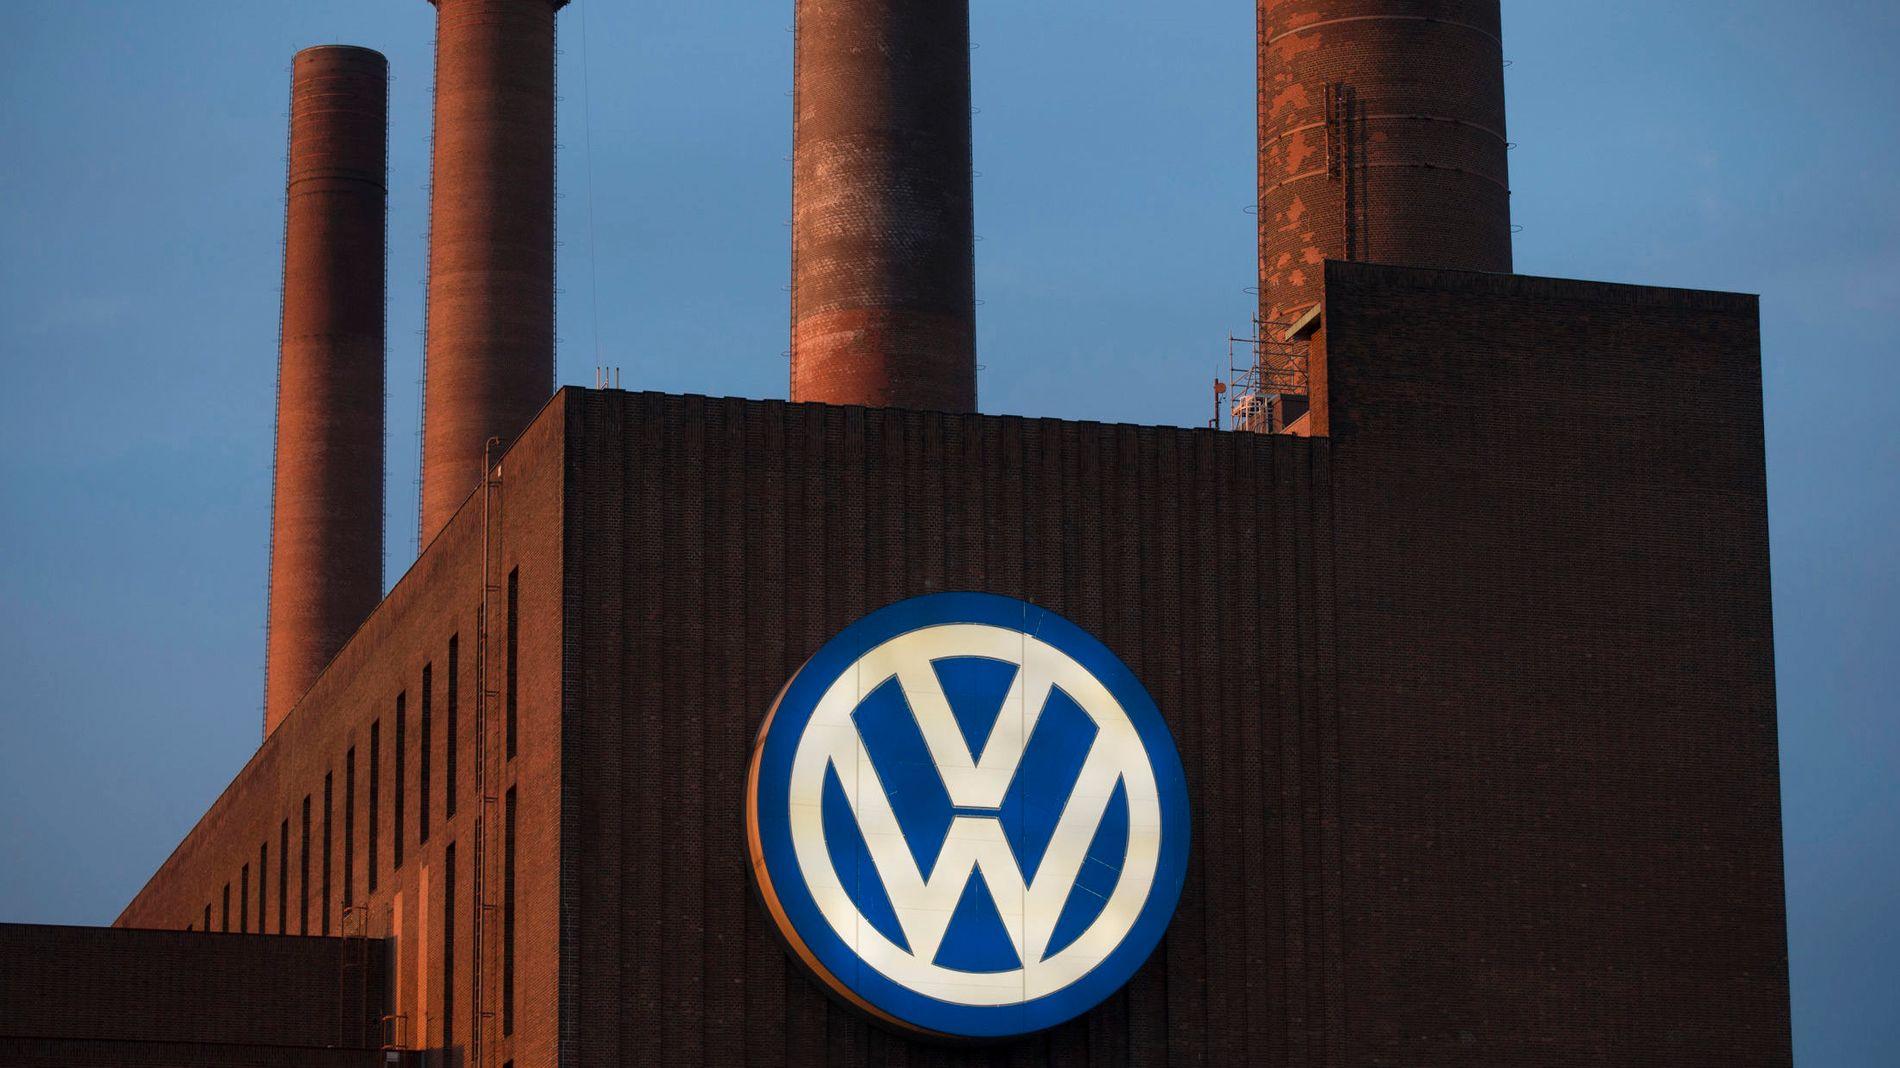 UNDER ETTERFORSKNING: Volkswagen har allerede satt av 6,5 milliarder euro (60 mrd. kroner) for å håndtere dieselskandalen som nå utfolder seg. 11 millioner biler skal ha blitt solgt med den aktuelle dieselmotoren. Her er Volkswagens fabrikk i Wolfsburg avbildet.